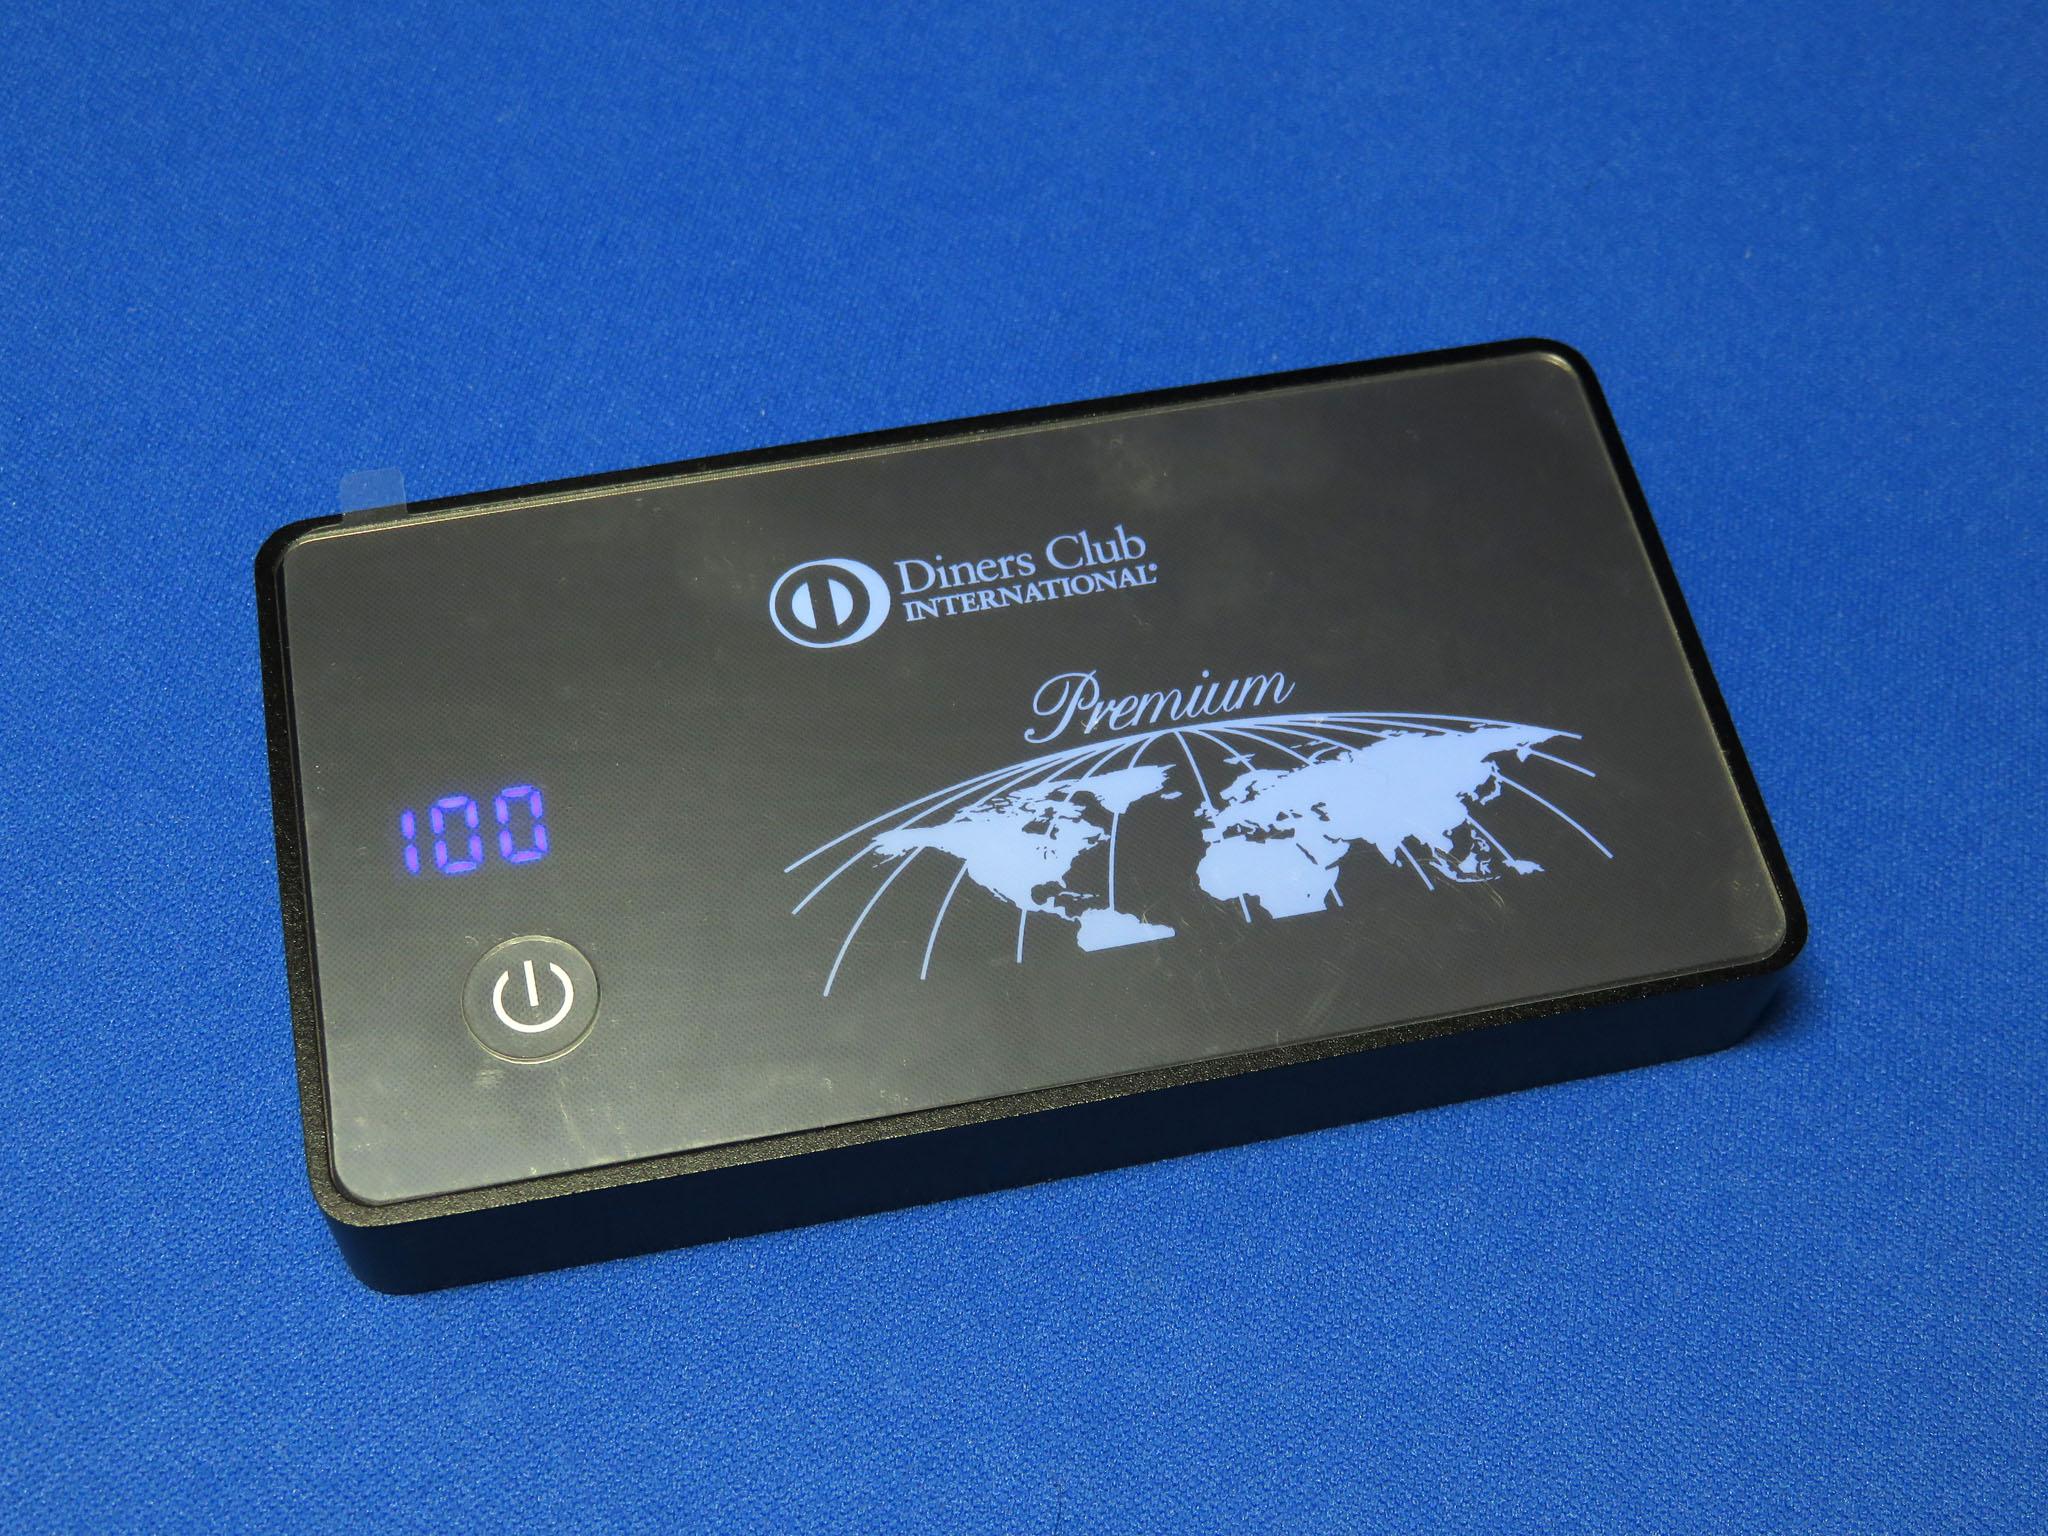 ダイナースクラブ ノベルティグッズ モバイルバッテリー